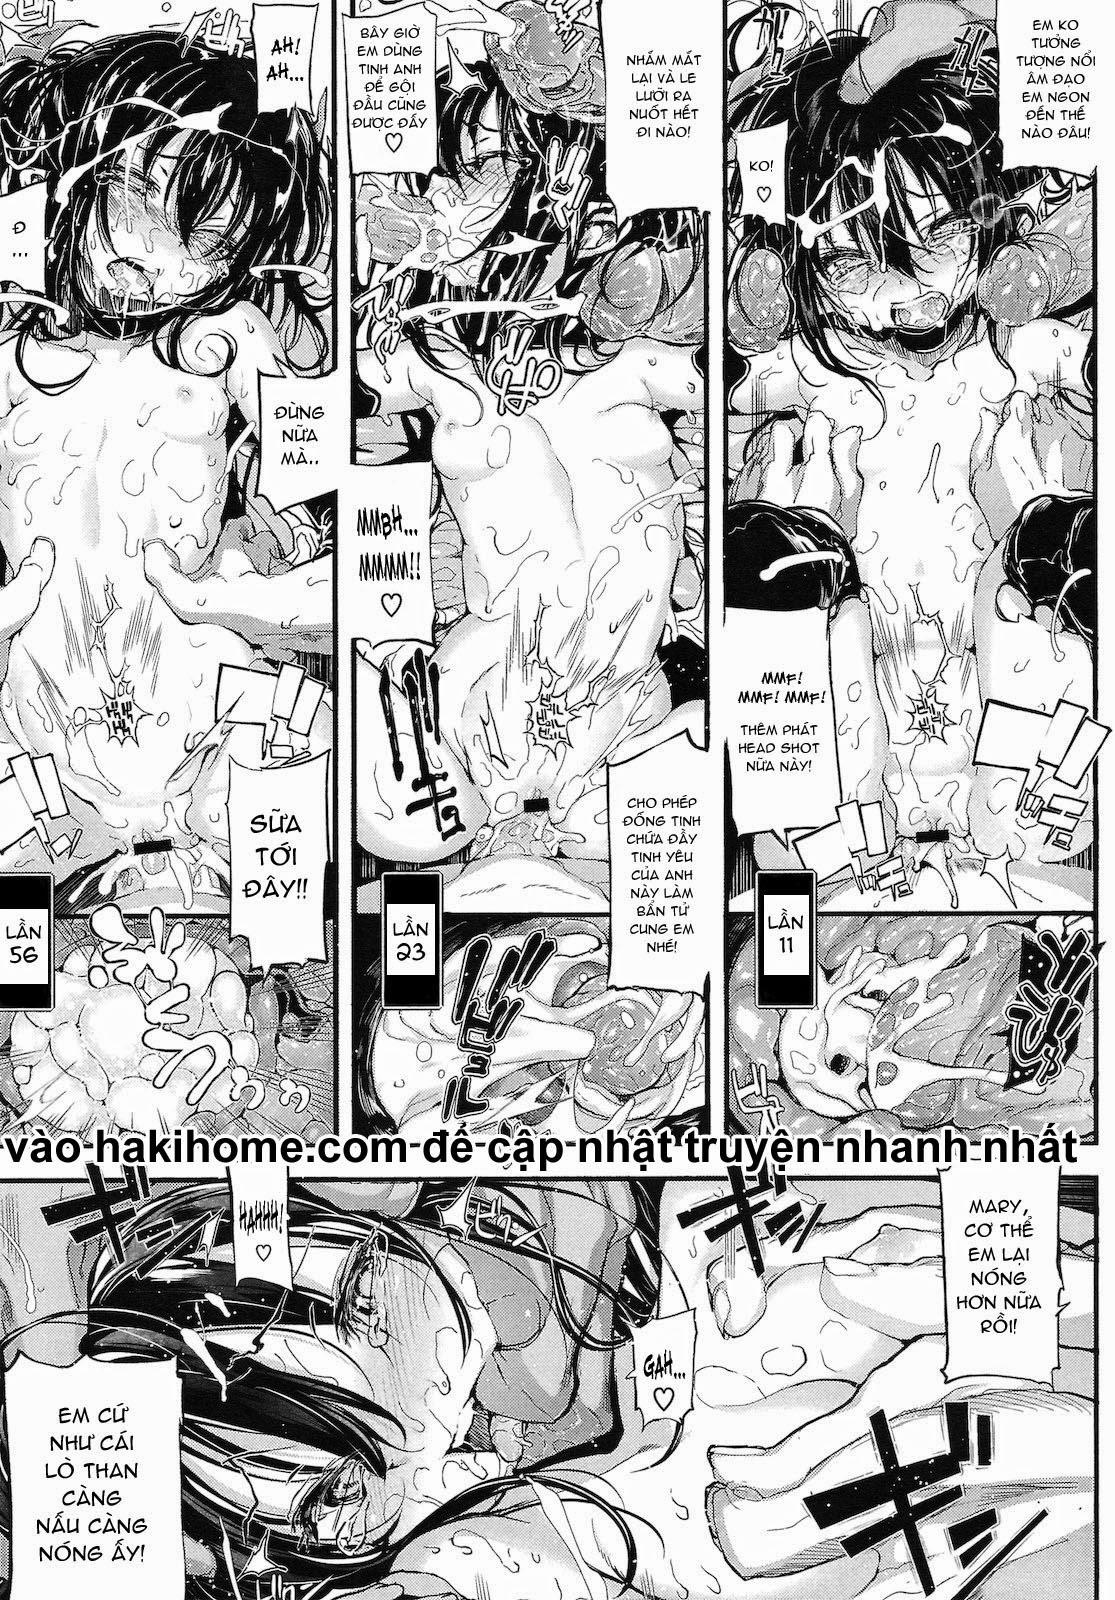 Hình ảnh hakihome_hentai_manga_undead%2Bprince_025 trong bài viết Nữ hoàng loli